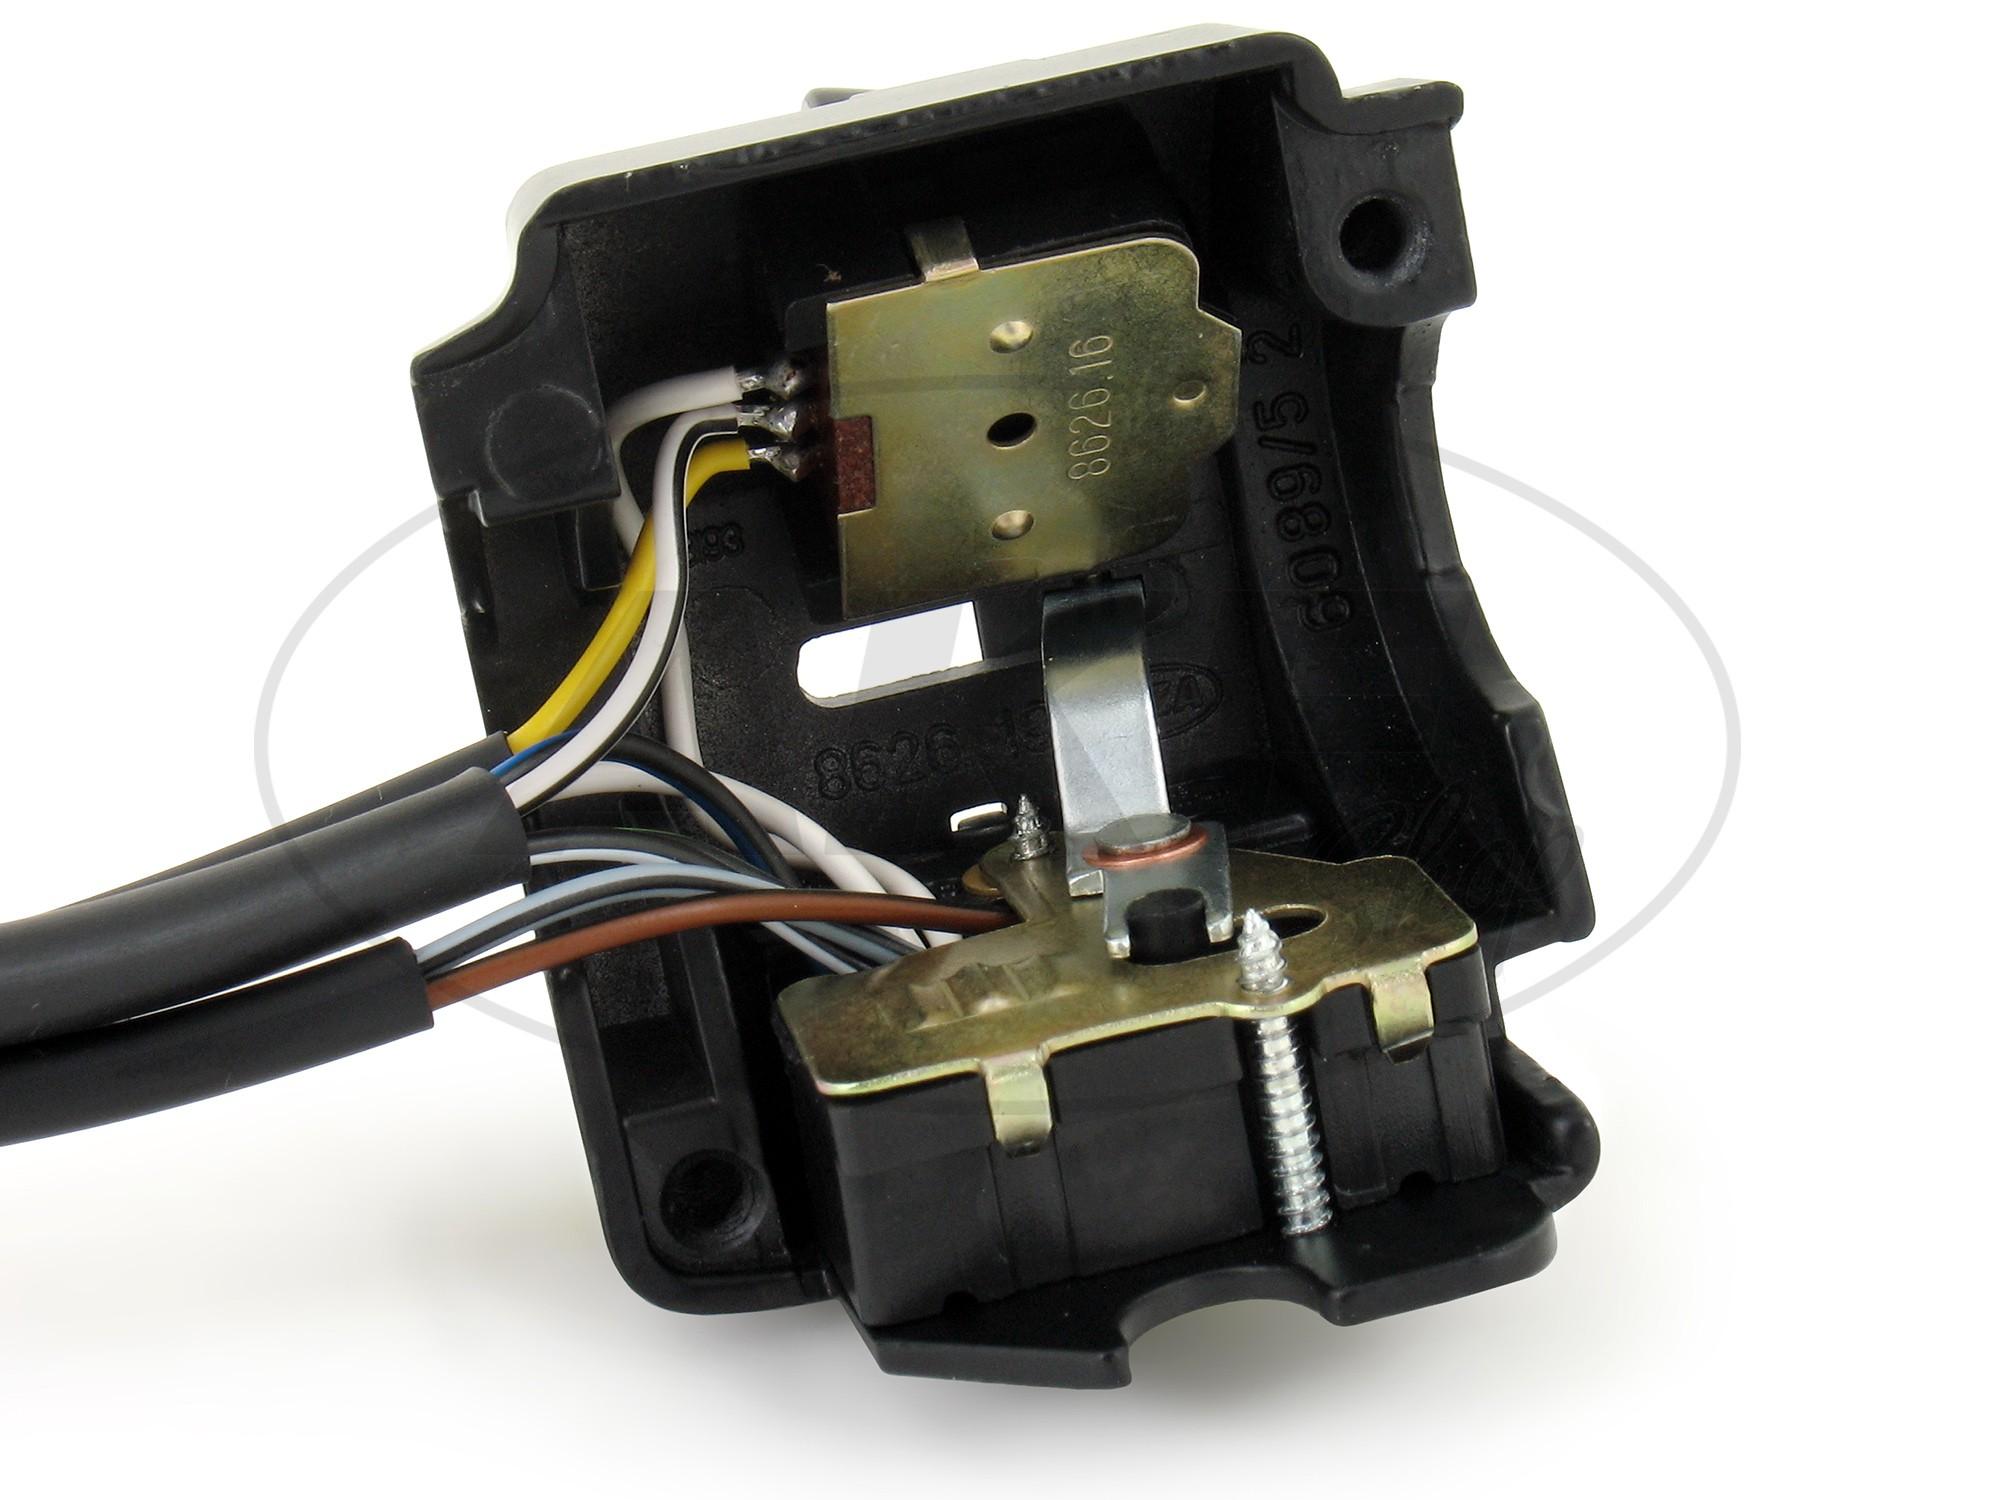 Schalterkombination 8626.19/3 mit Kabel und Lichthupe, 6 + 12V ...